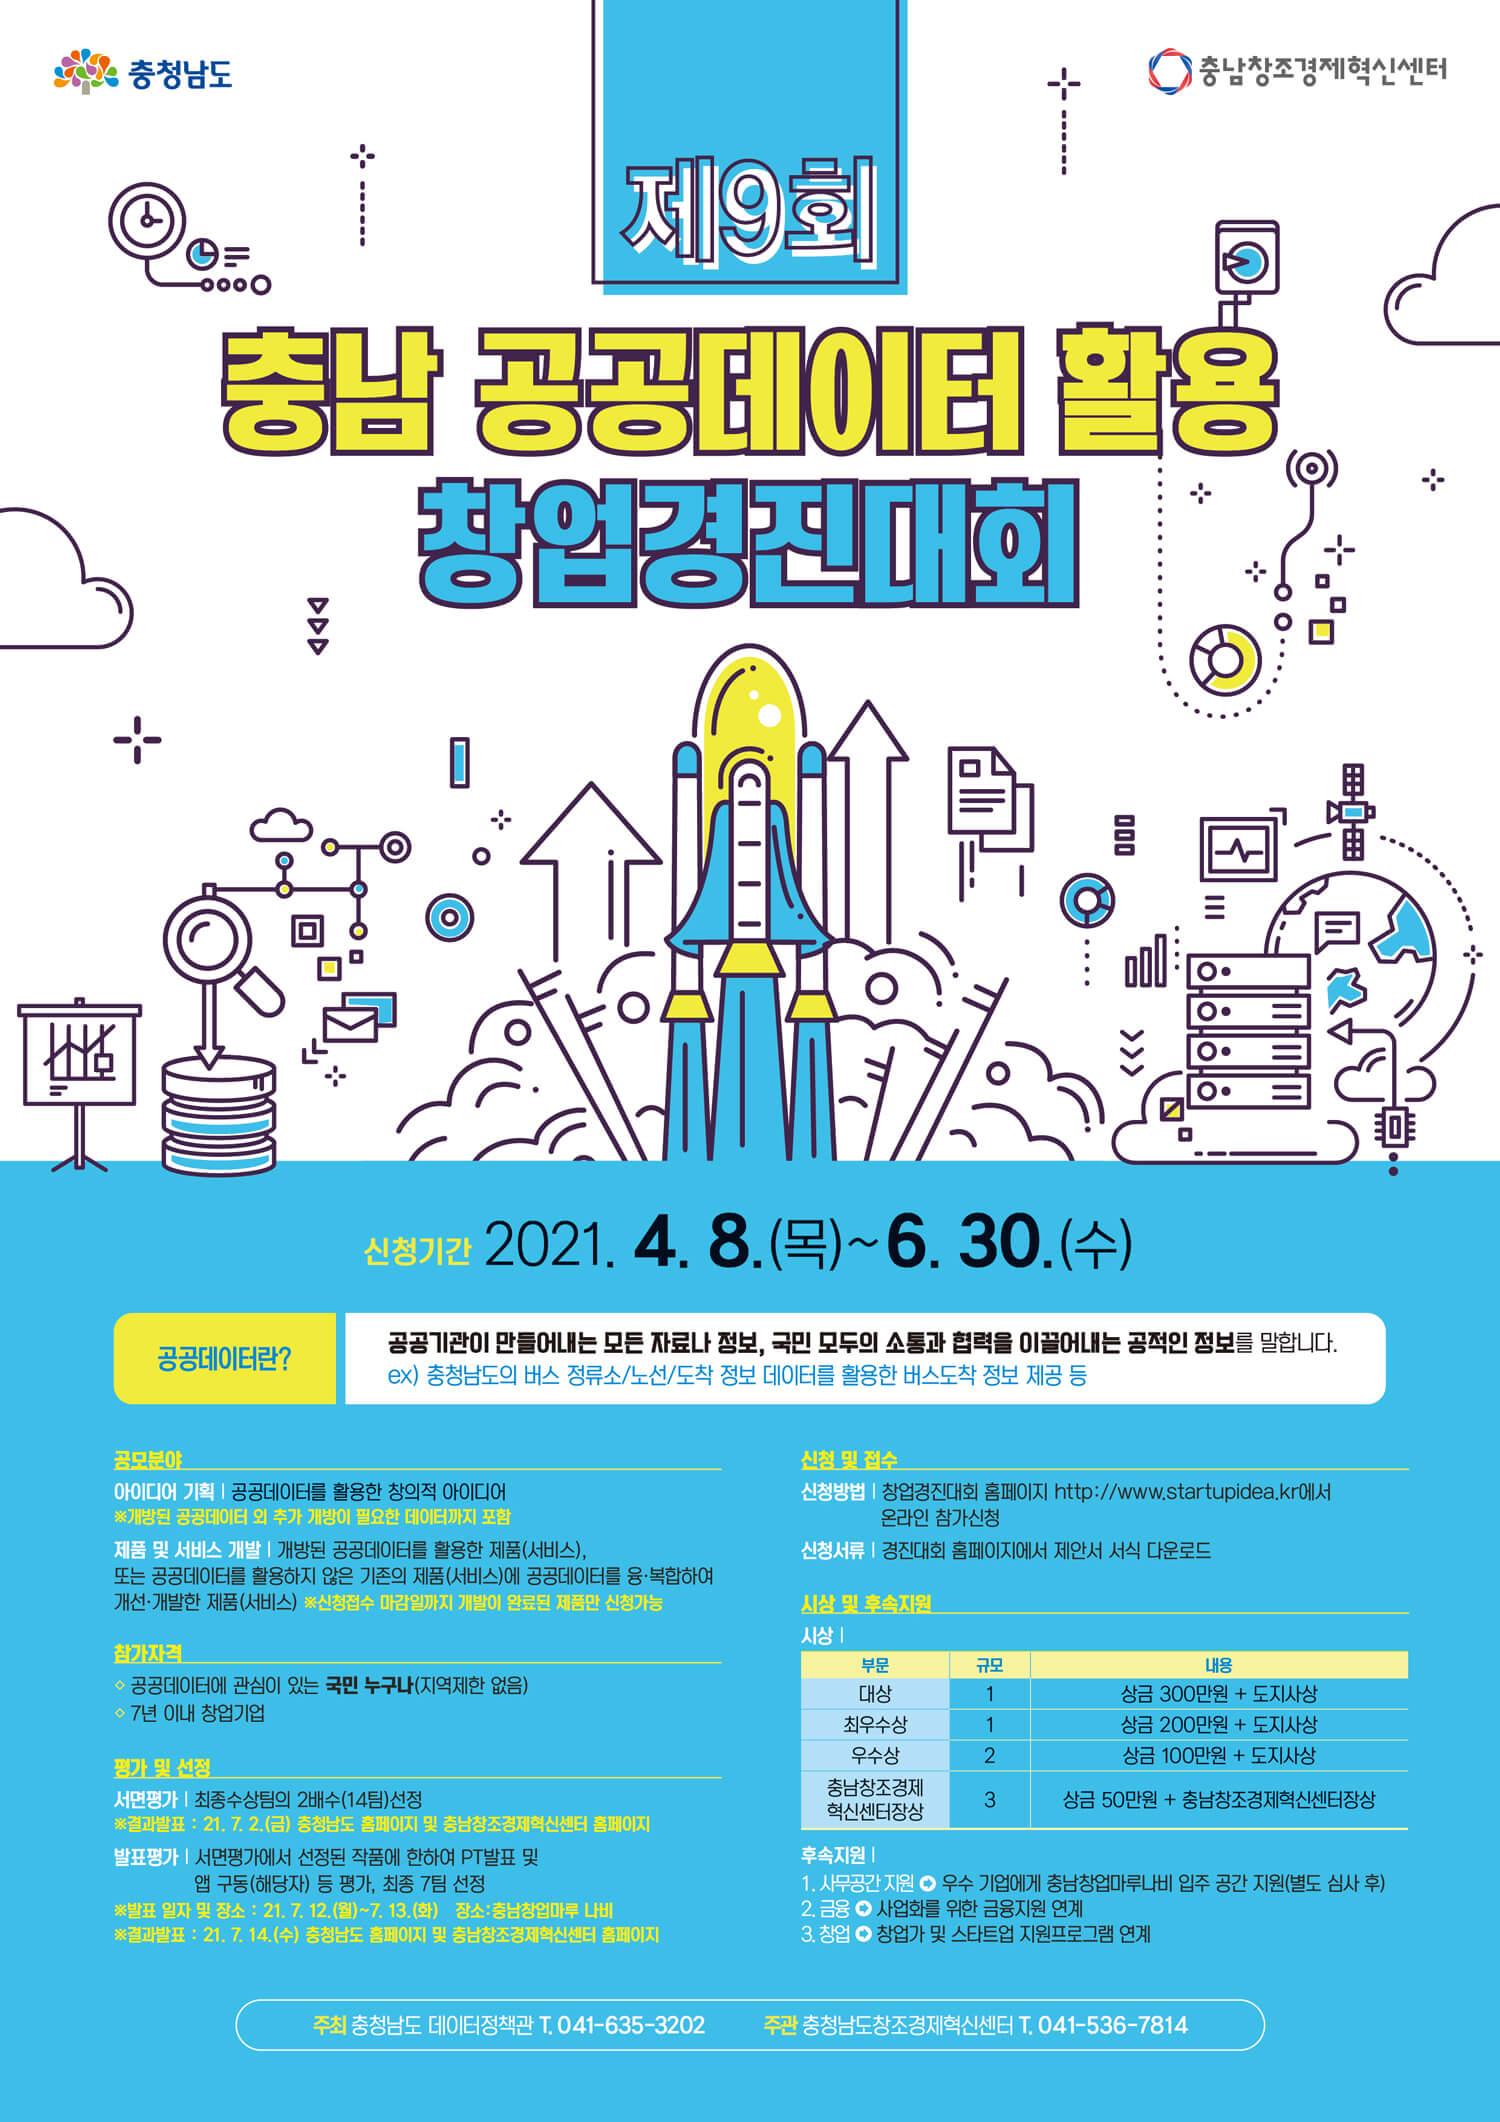 제9회 충남 공공데이터 활용  창업경진대회